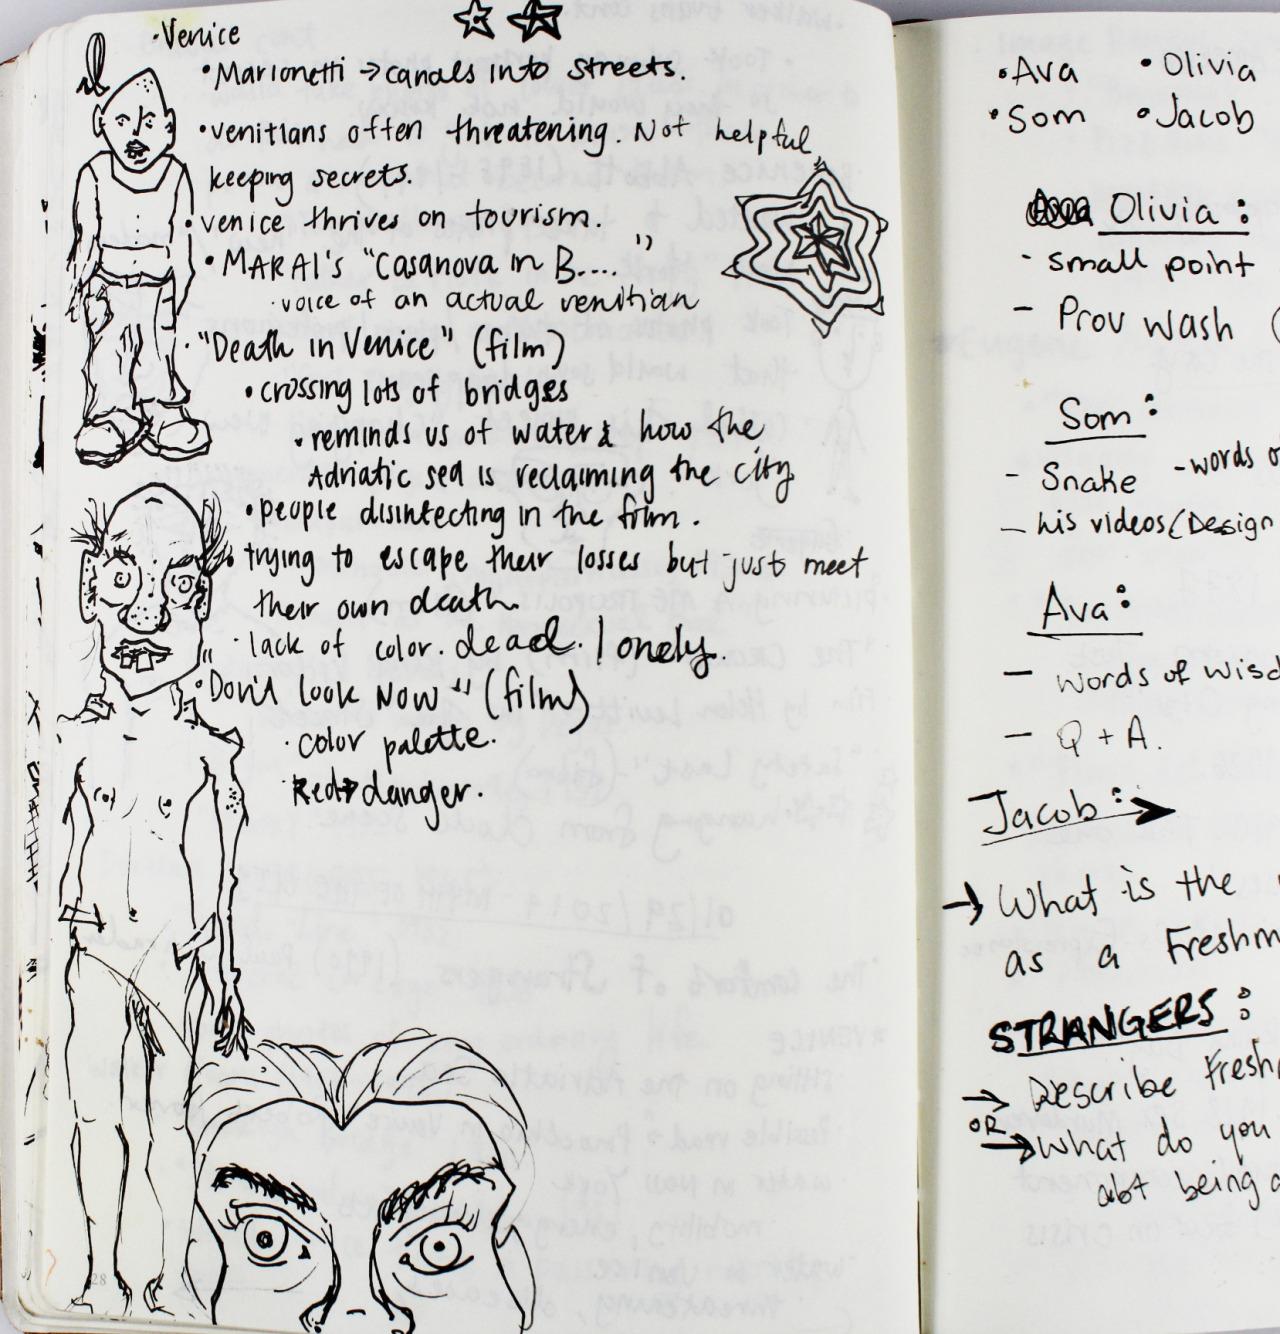 fyeah journalss